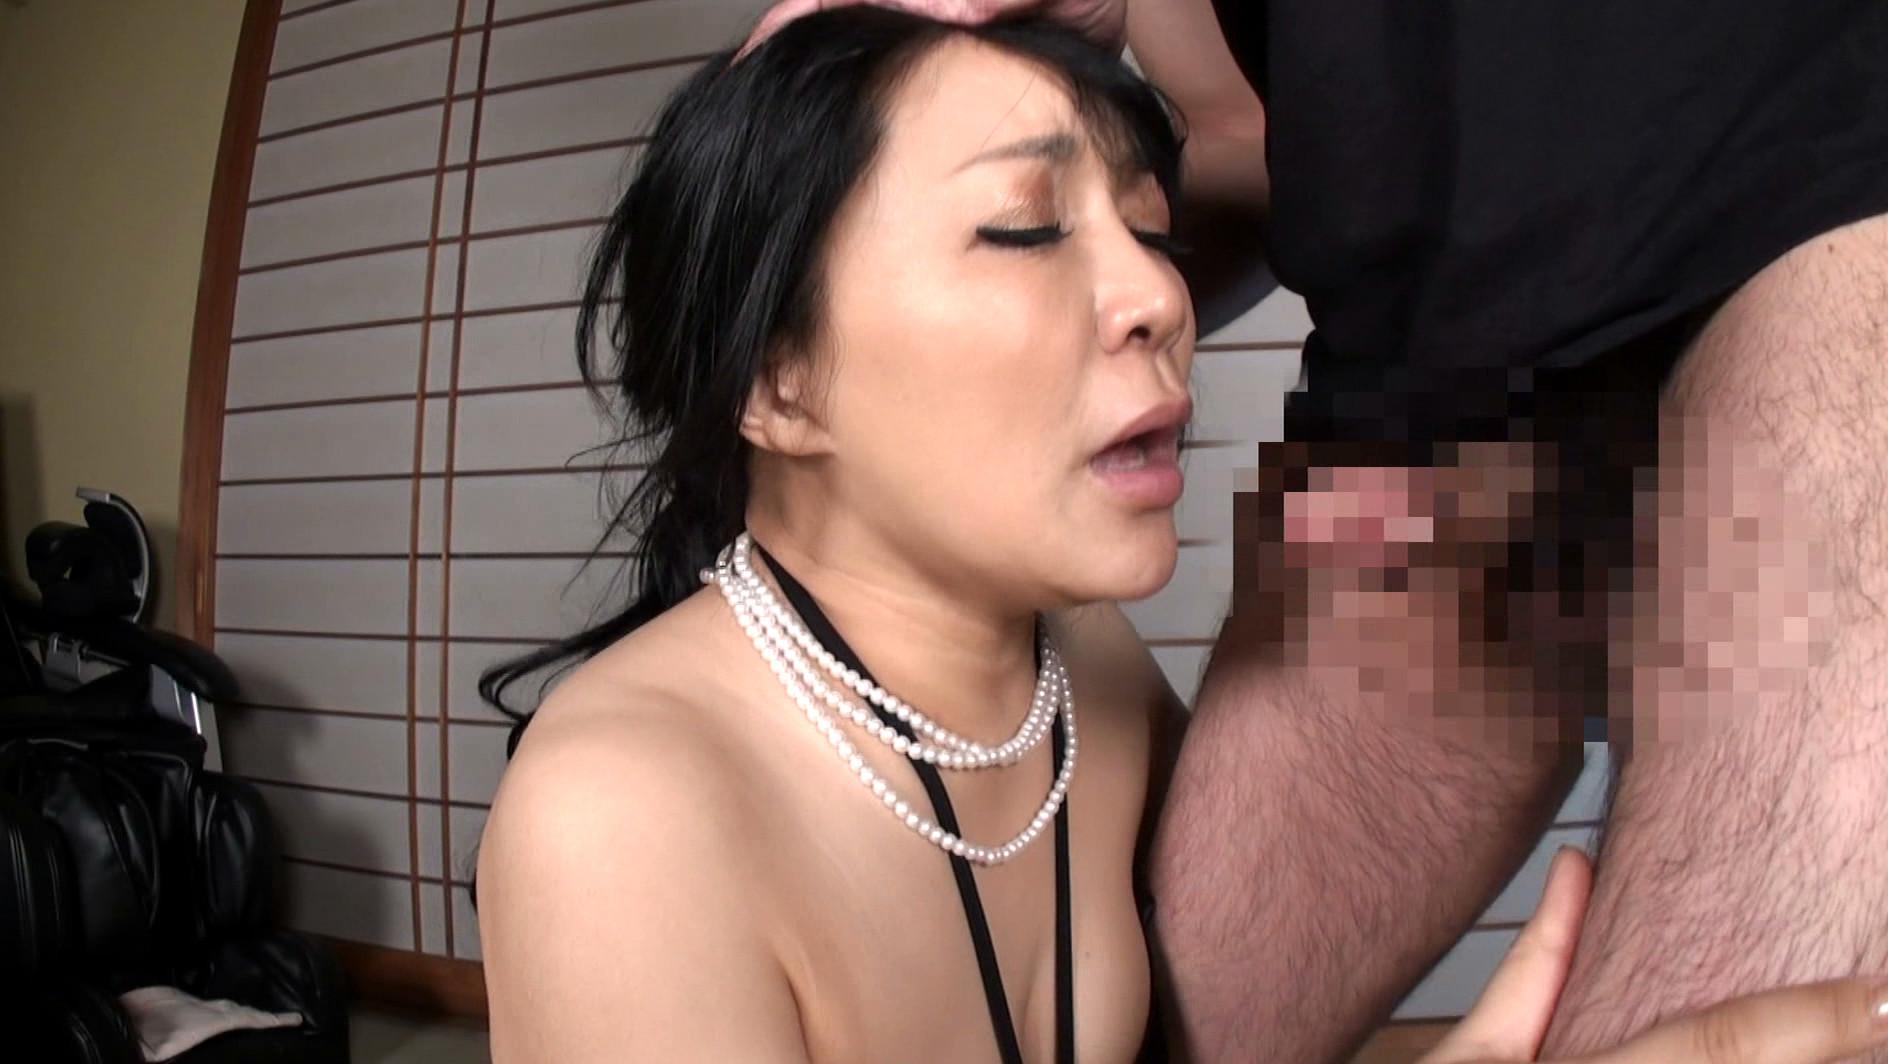 本物現役女社長 霧島ゆかり五十歳 首絞めでアクメに達する女 画像17